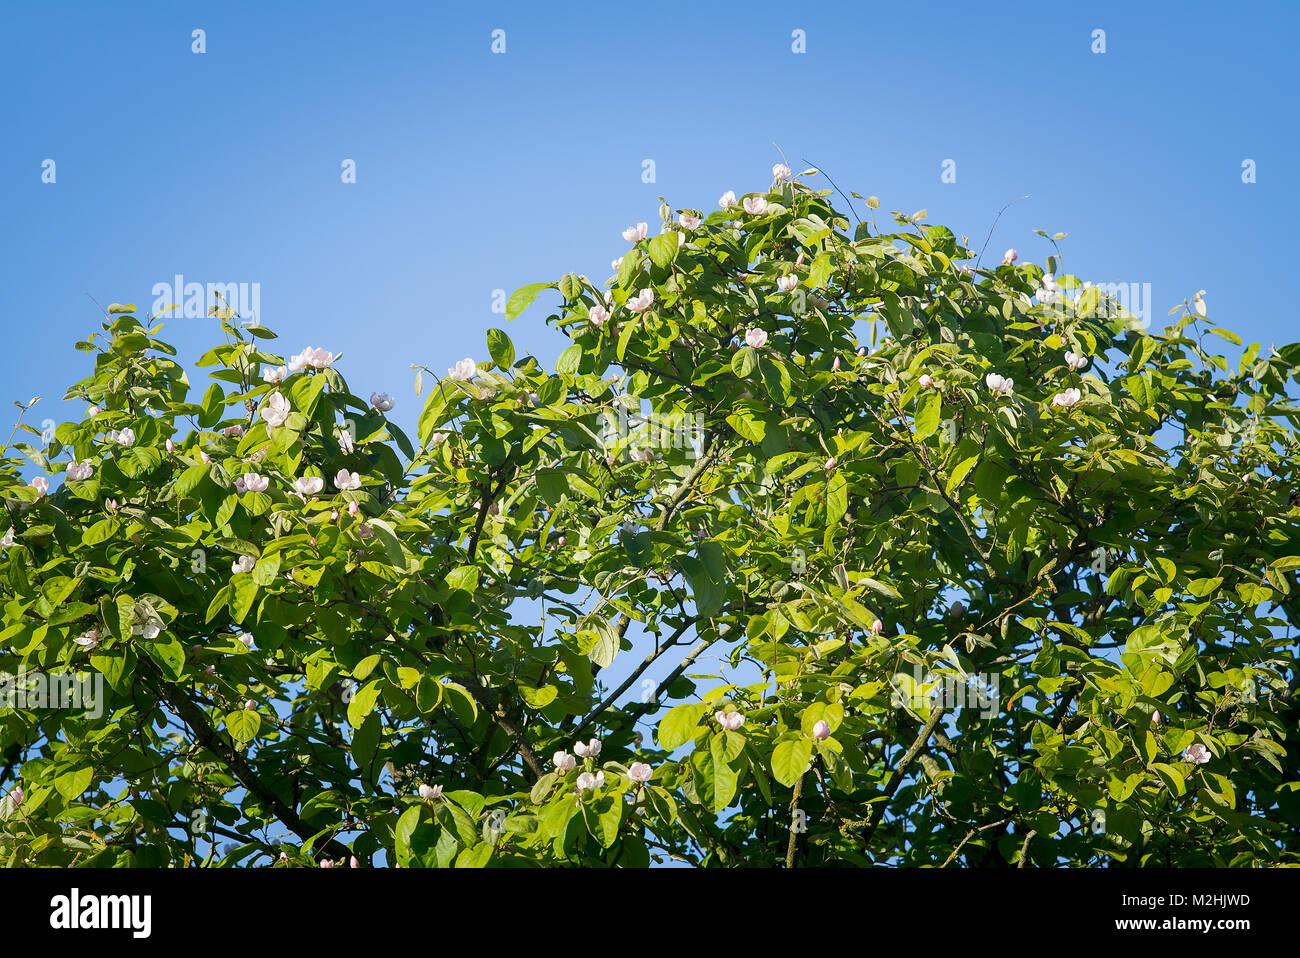 Essbarer Obstbaum Stockfotos & Essbarer Obstbaum Bilder